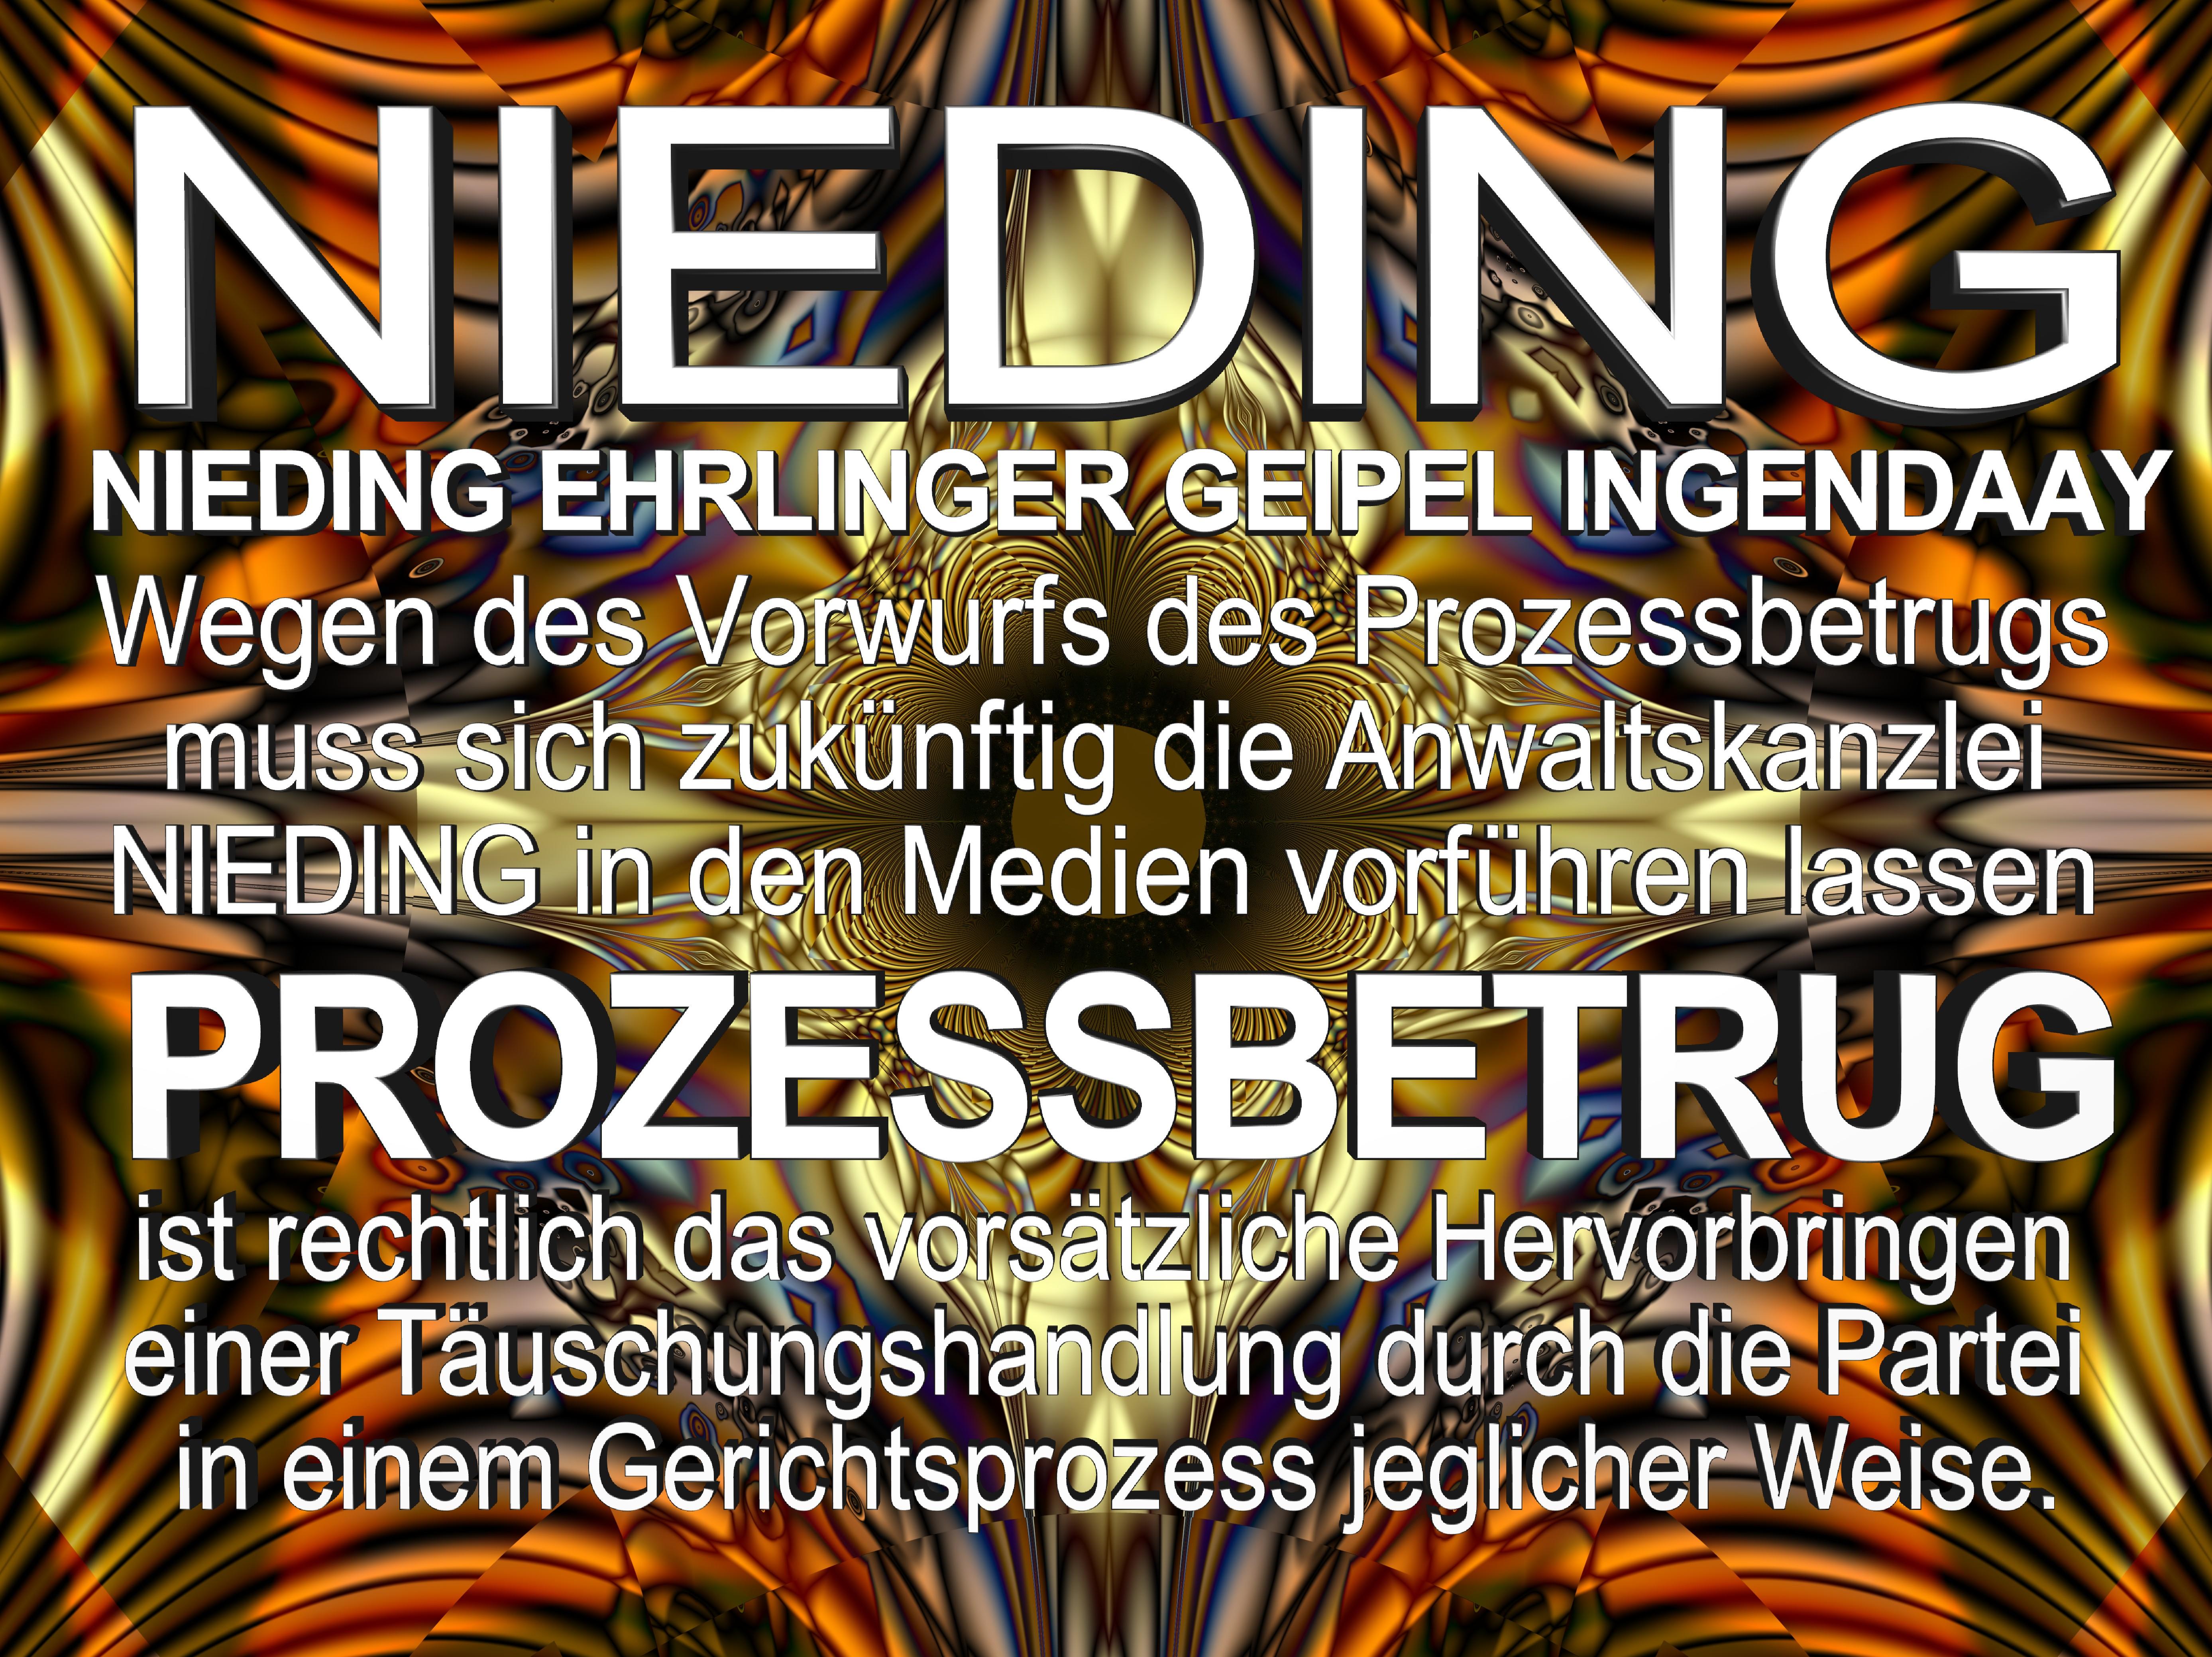 NIEDING EHRLINGER GEIPEL INGENDAAY LELKE Kurfürstendamm 66 Berlin (43)